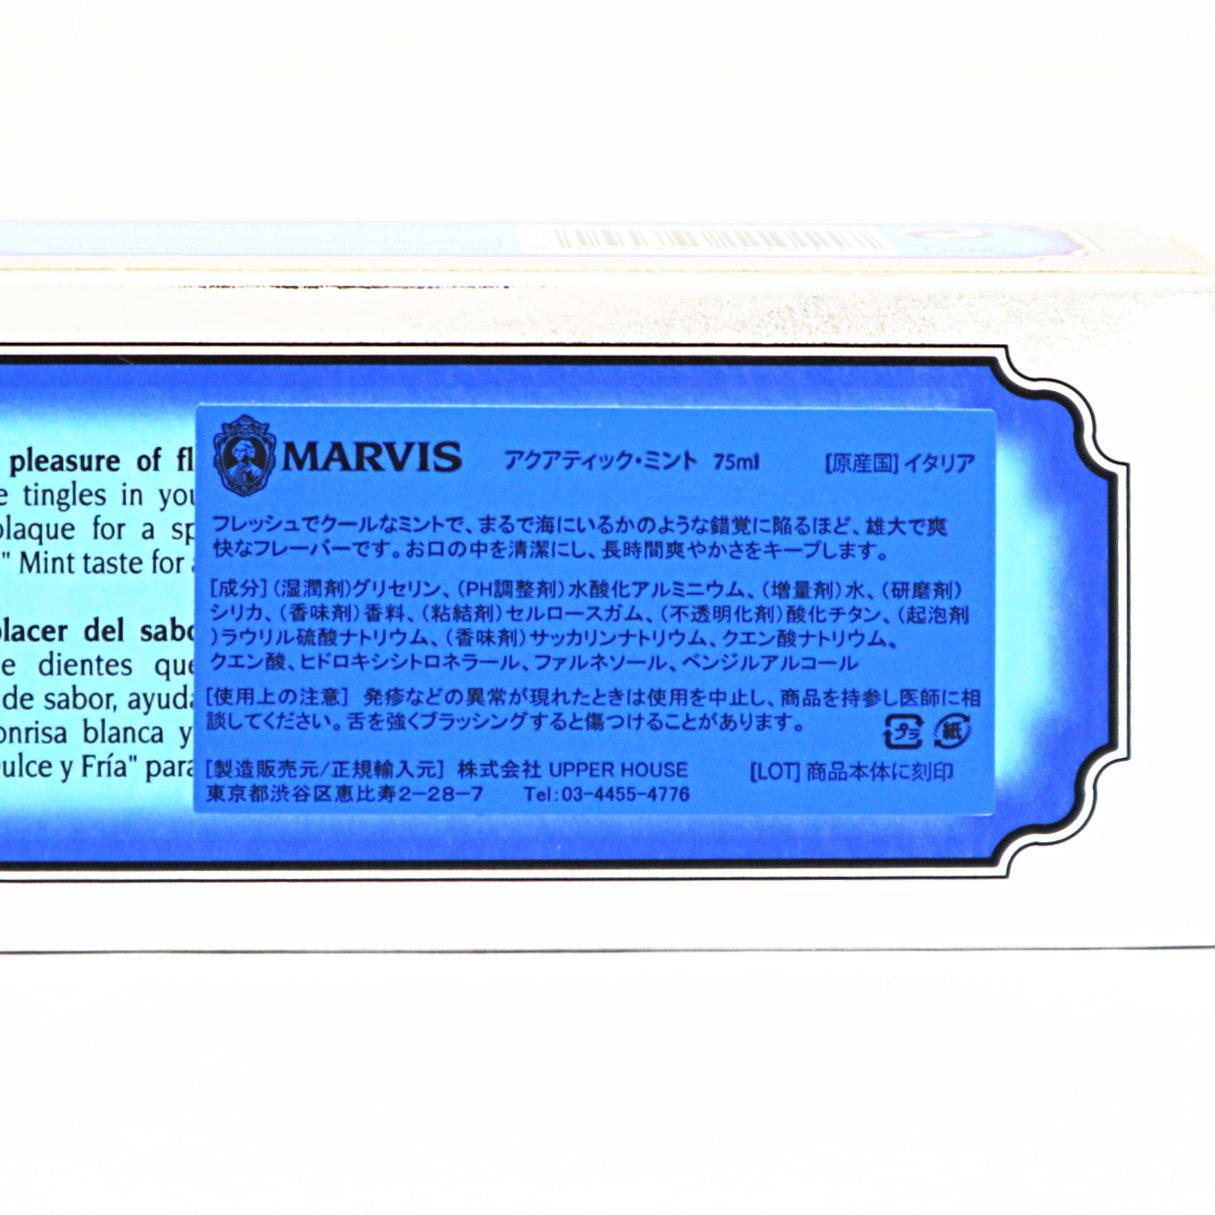 アクアティック・ミント/MARVIS(歯磨き粉)